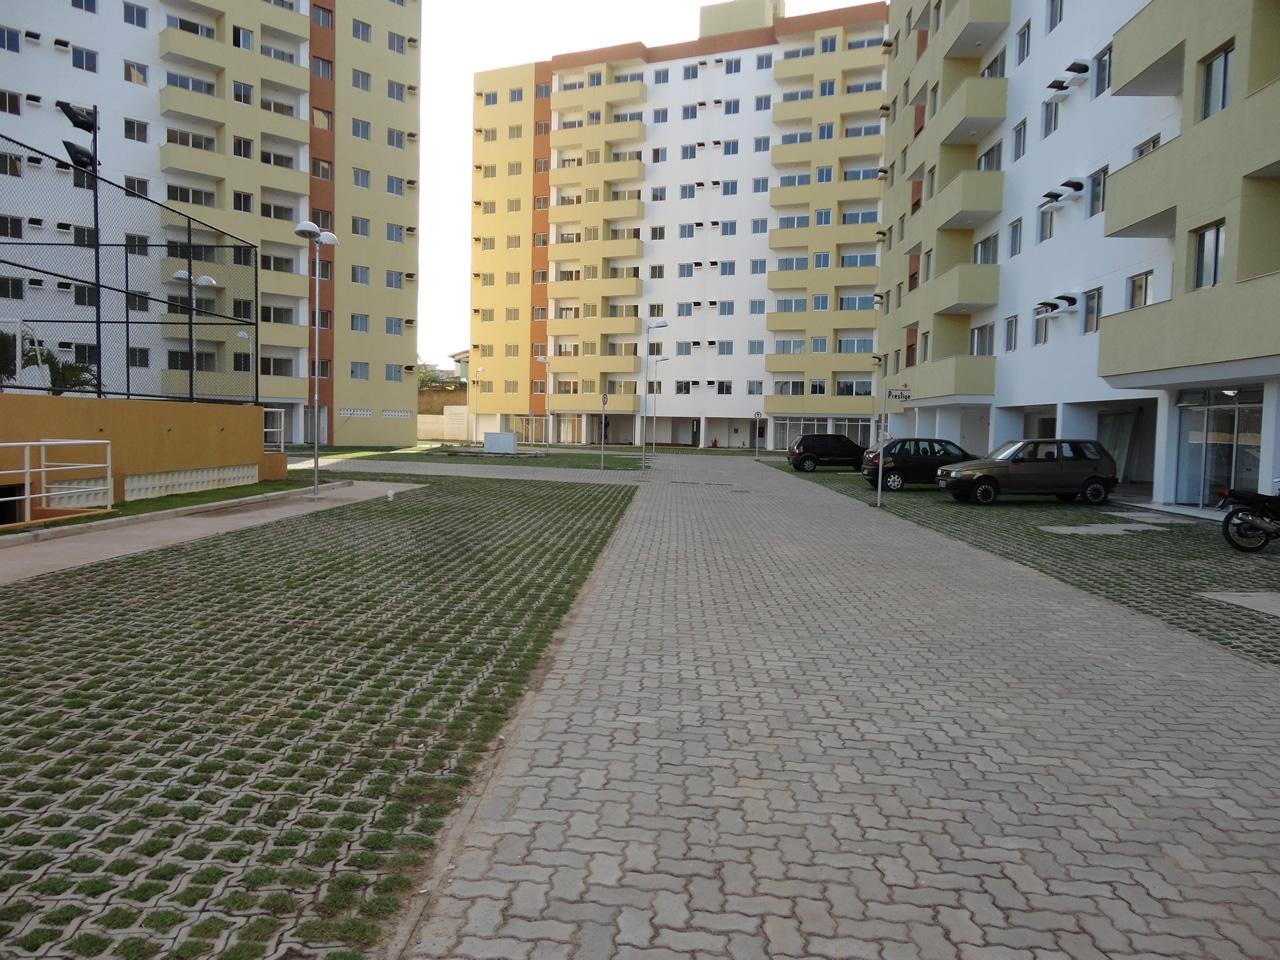 Piso UNI-STEIN Ref. 6 aplicado na obra do Empreendimento Supremo Family em lauro de Freitas, Bahia.